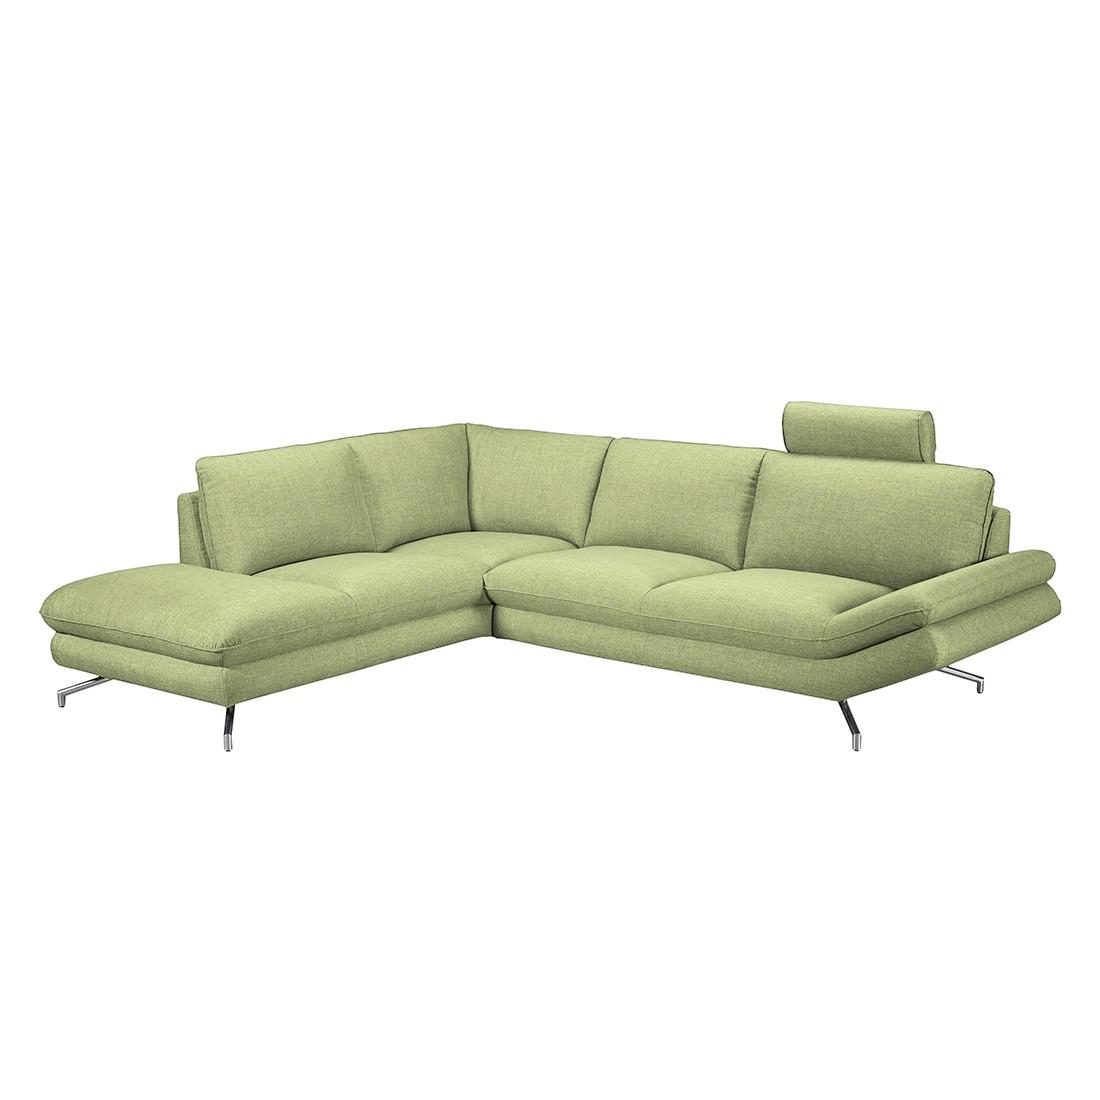 Canapé d'angle Sharon - Tissu vert - Méridienne à gauche (vue de face) - 2 appuis-tête, loftscape